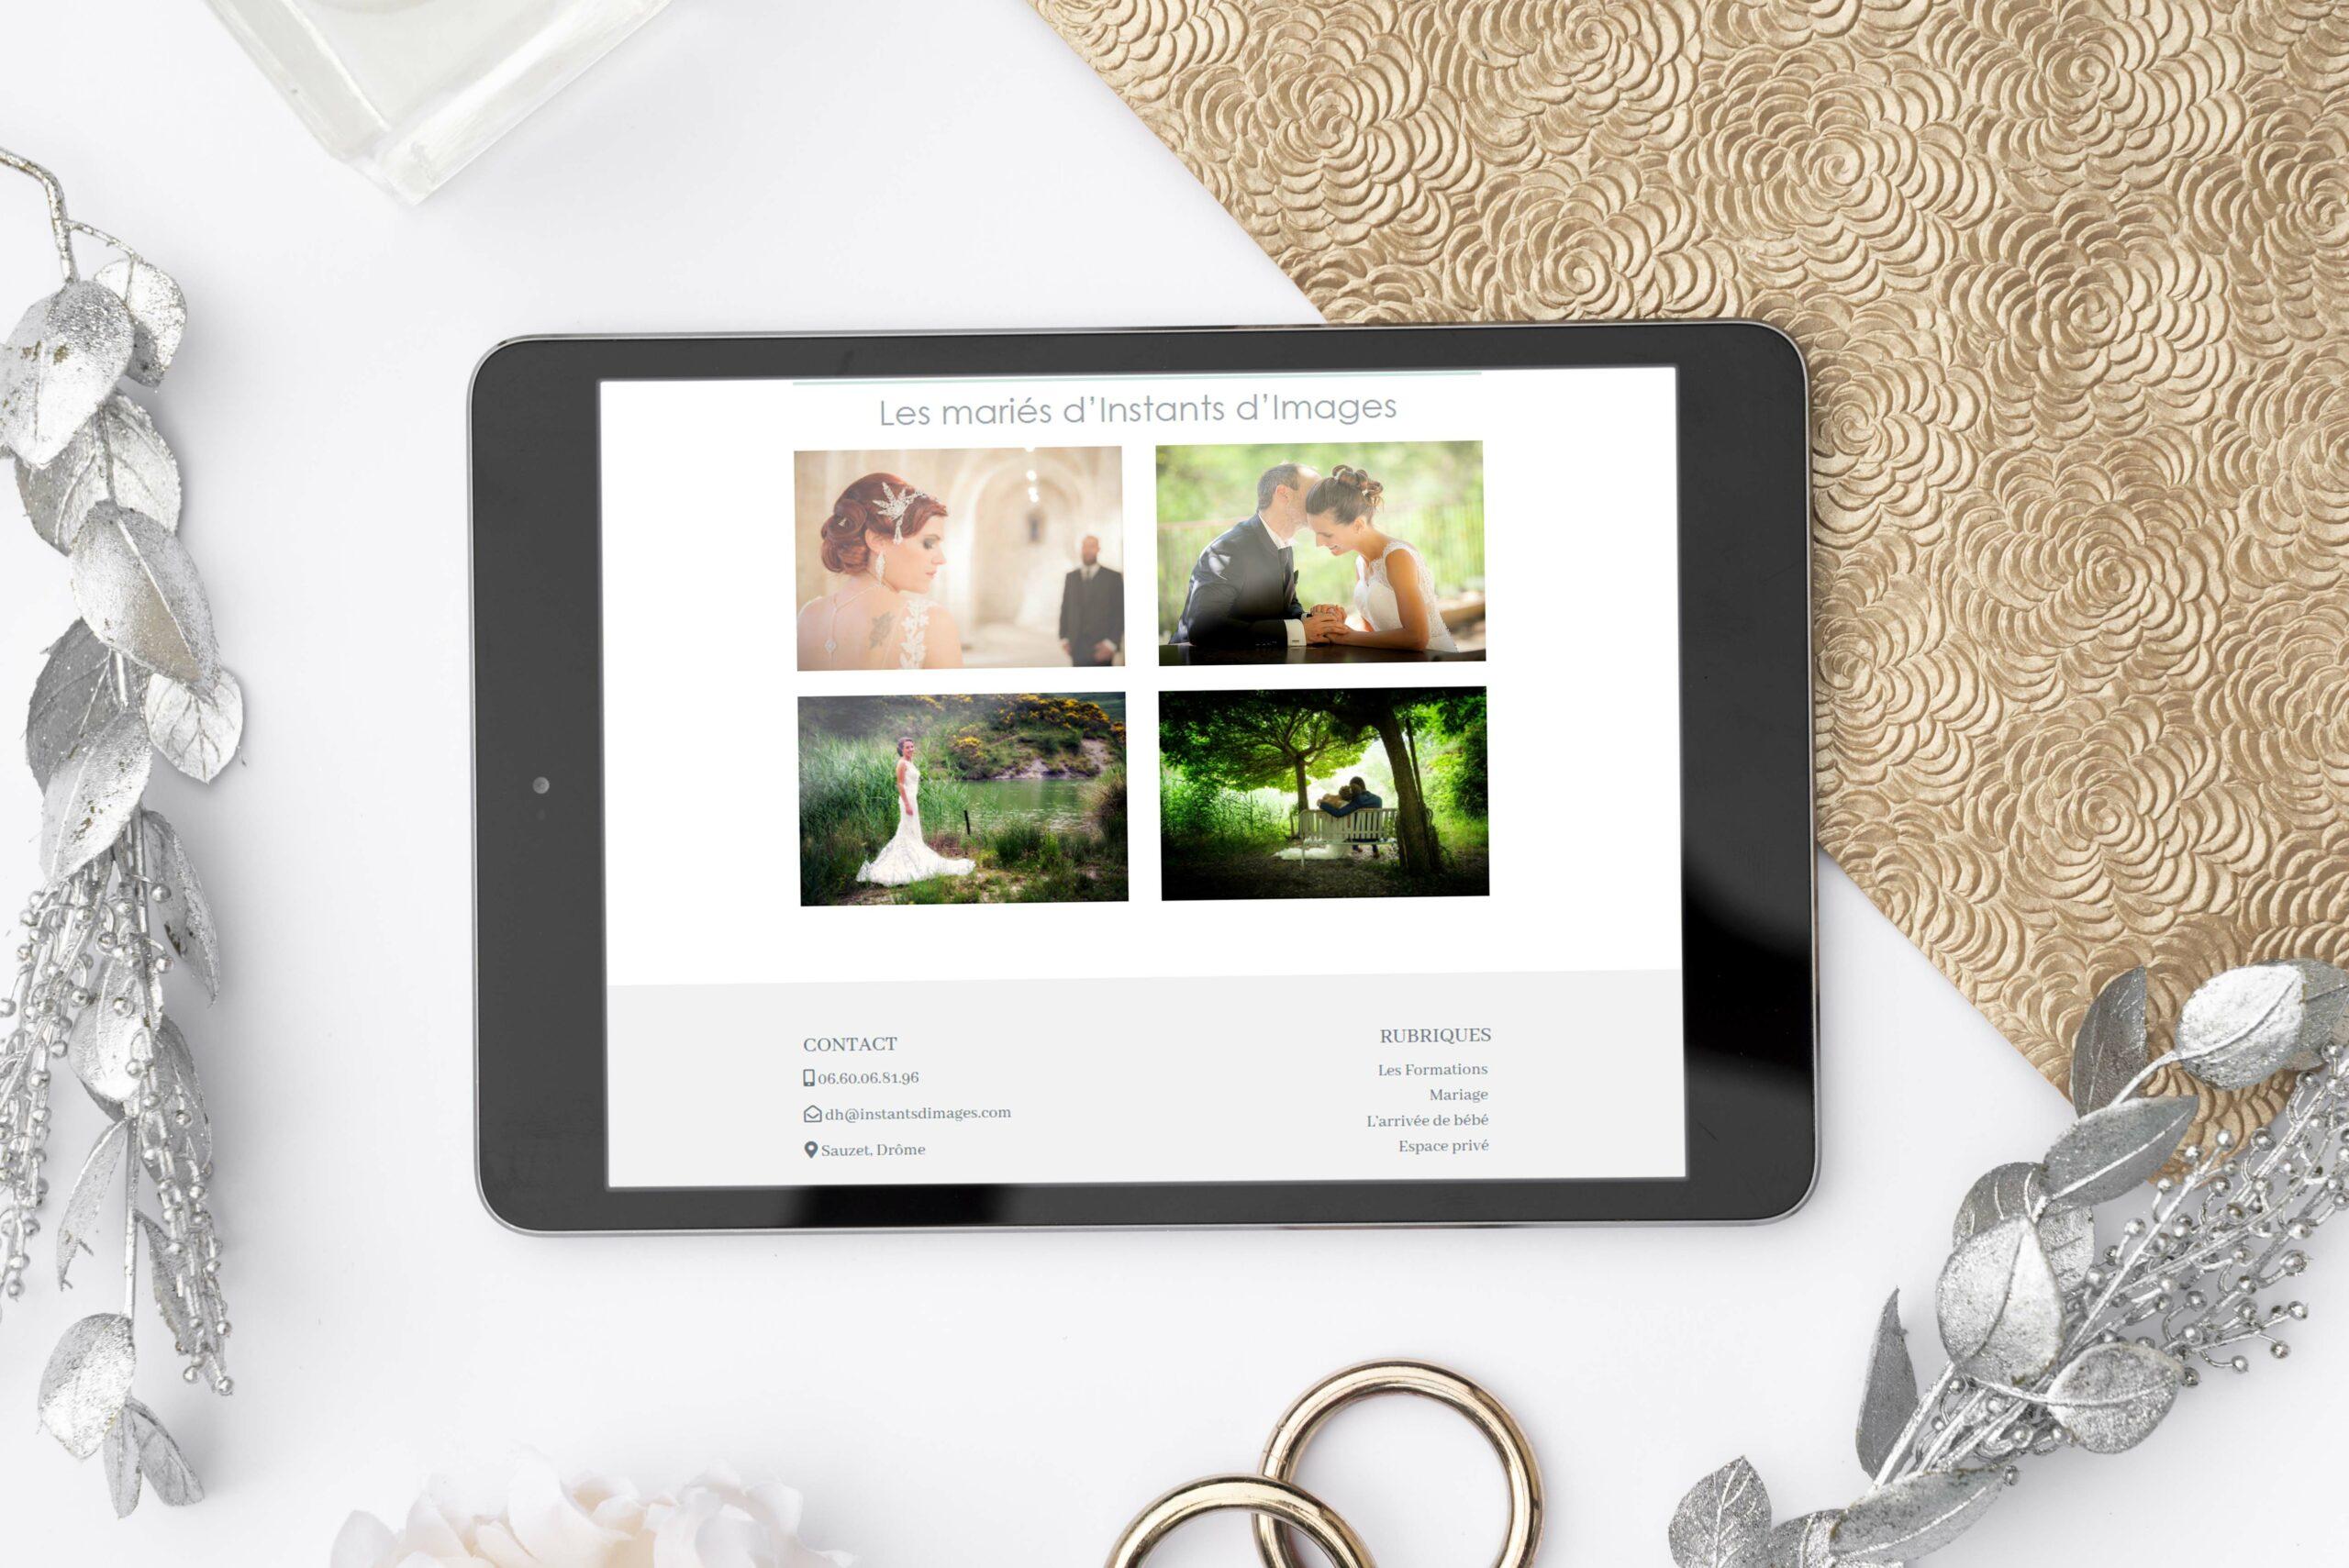 Instants d'images site responsive version tablette